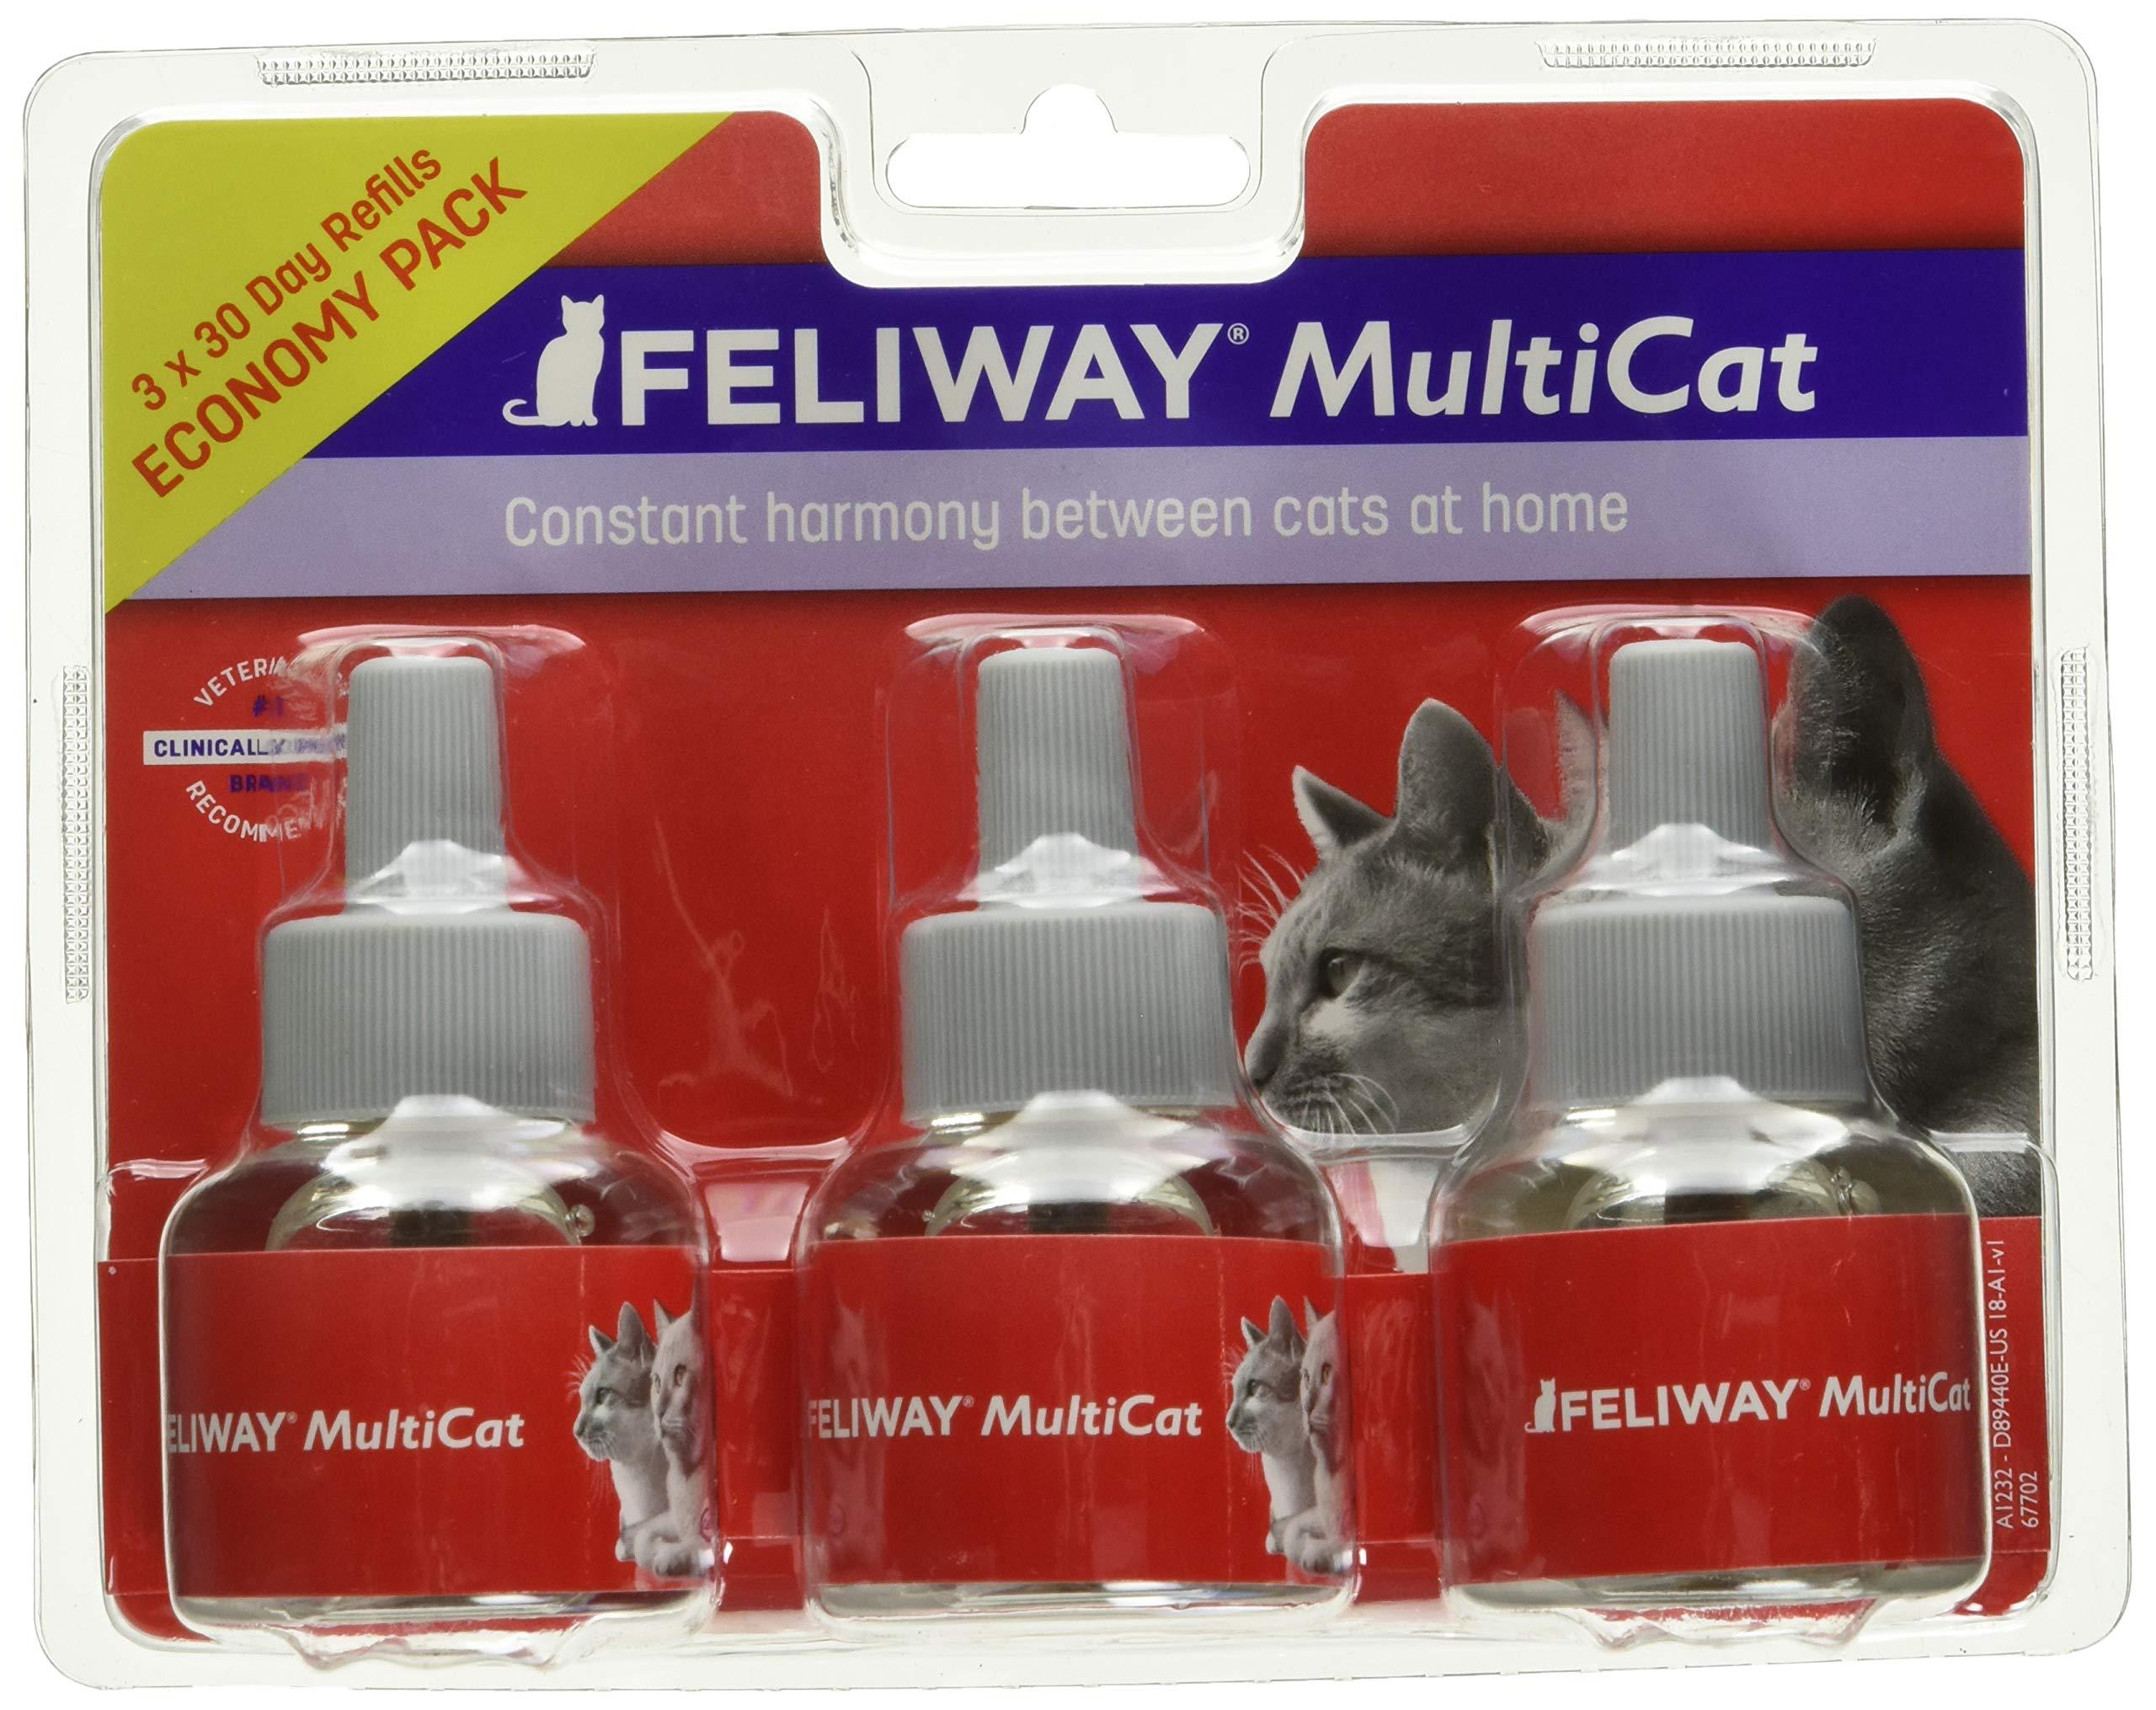 Feliway Animal Health Multicat Feliway Refill (3 Pack) by Feliway